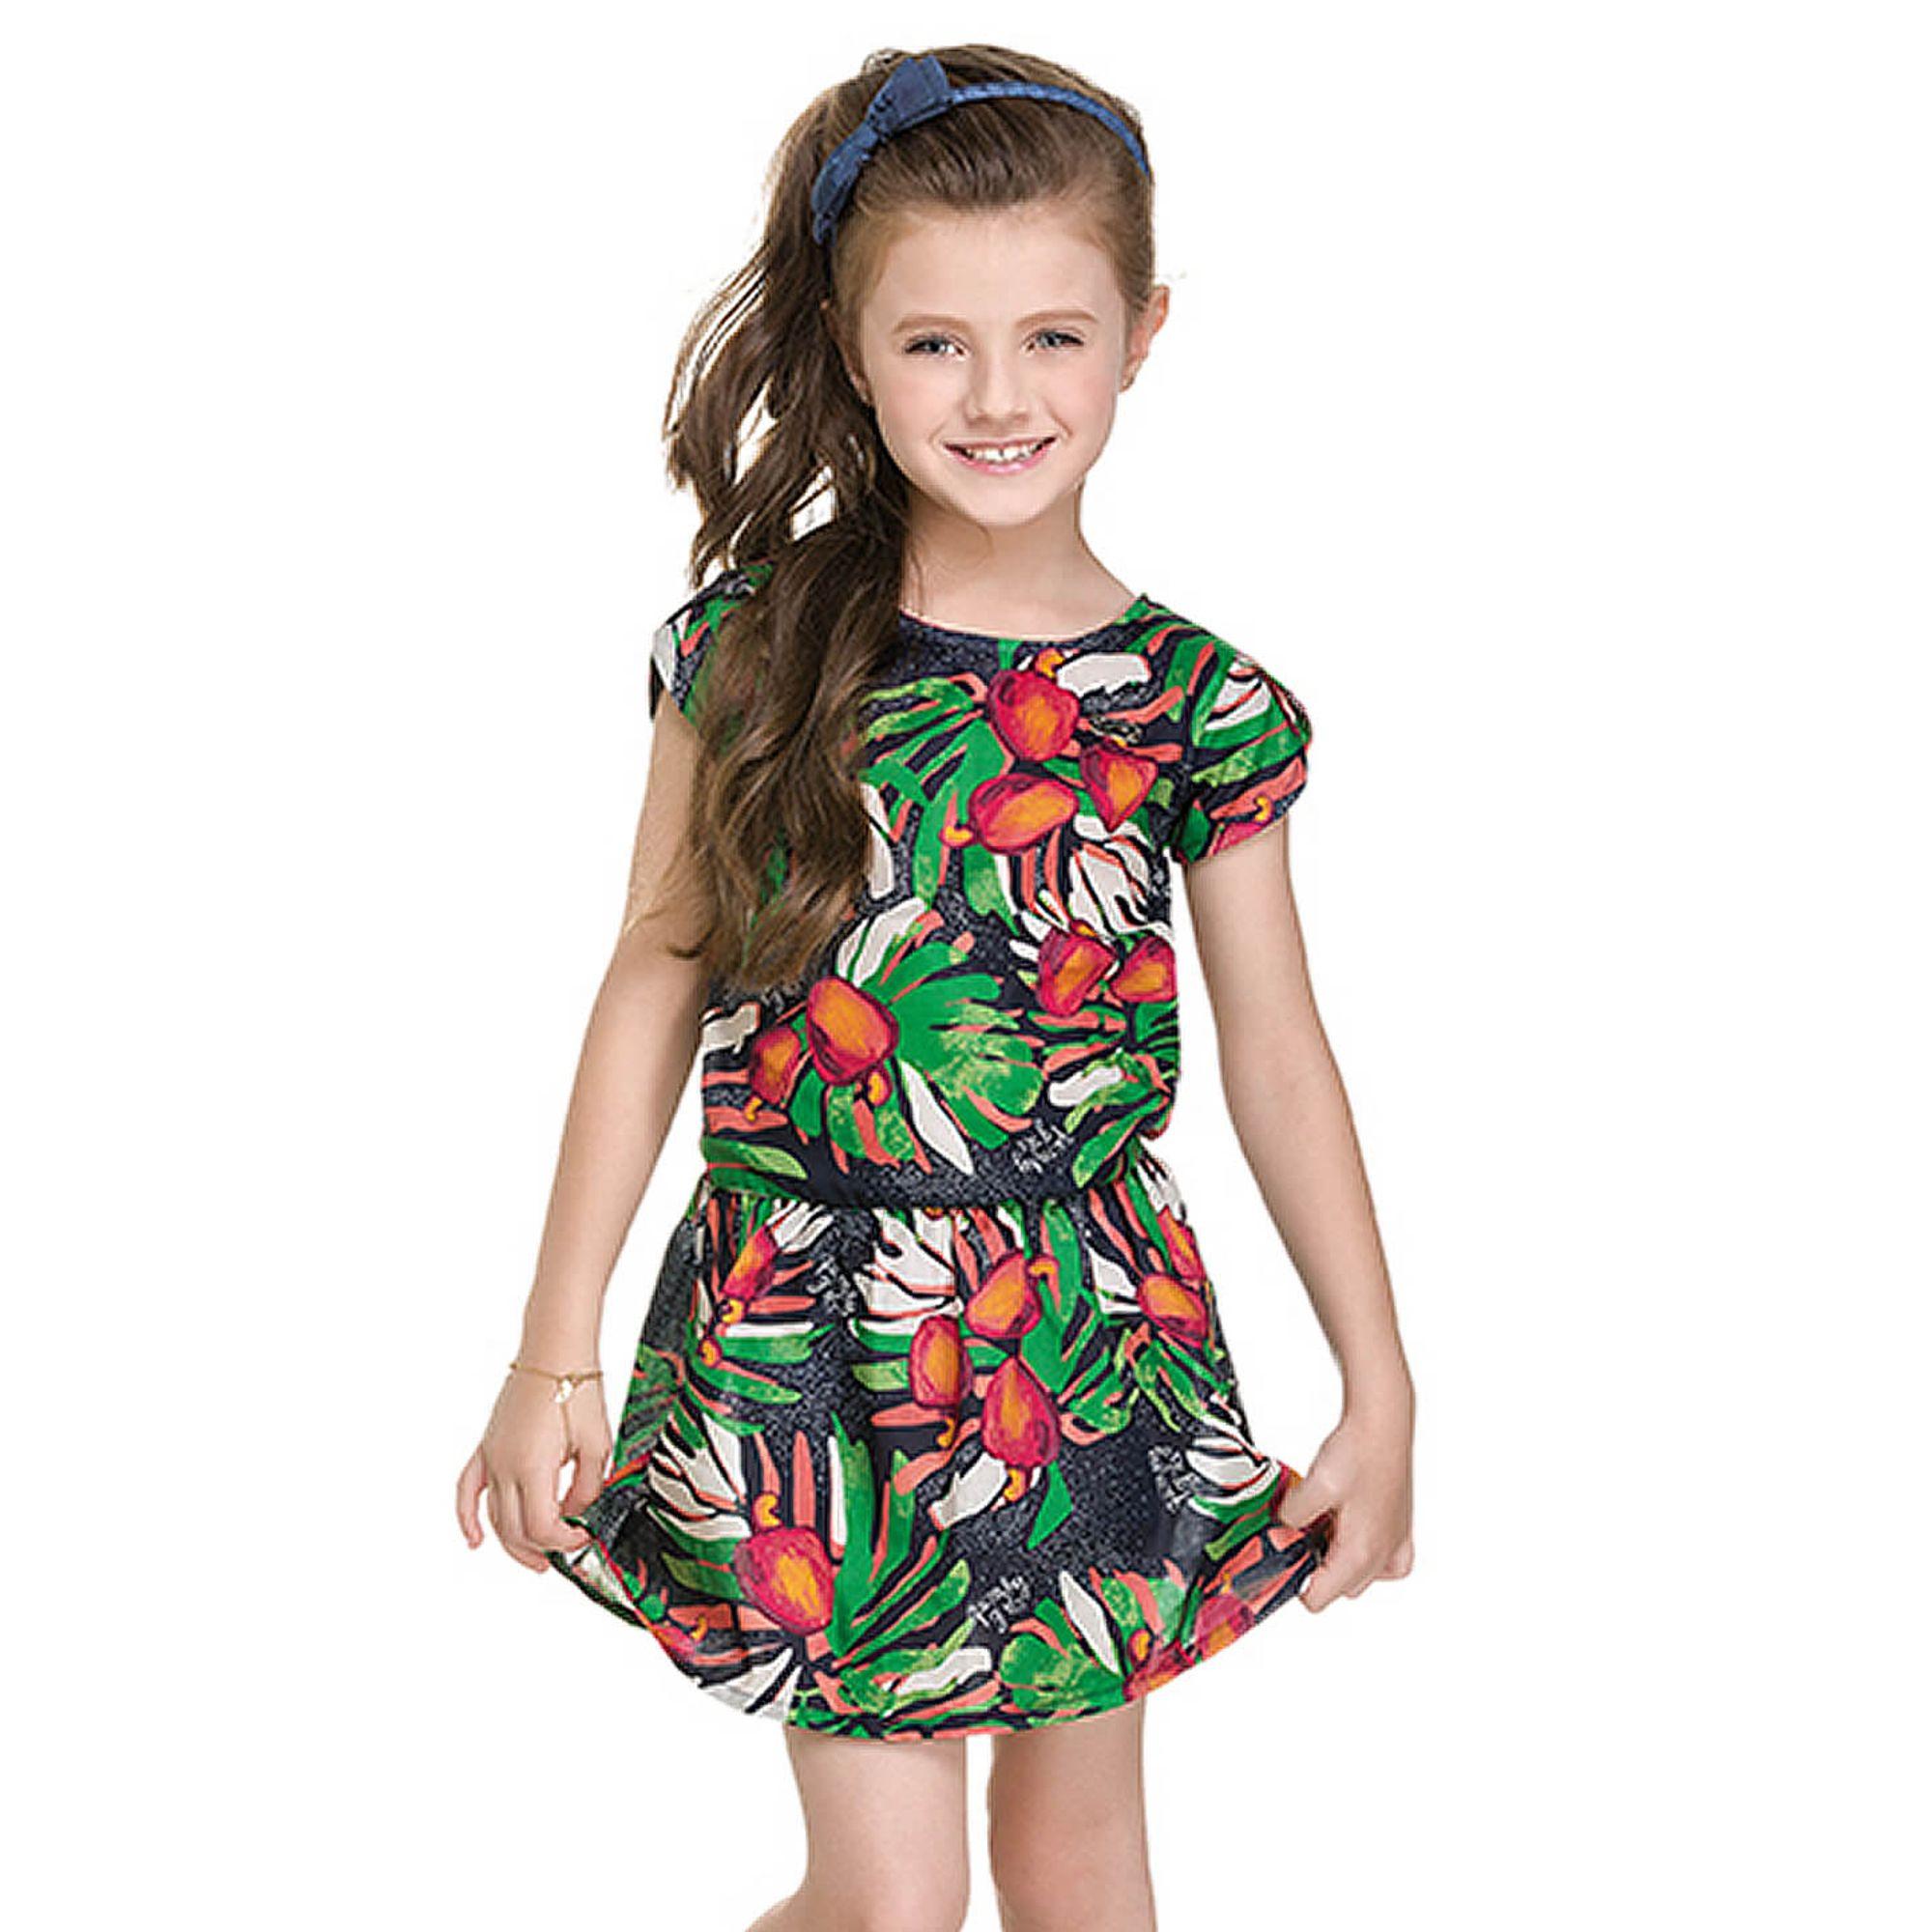 Populares Vestido Infantil Viscose Estampado Azul Marinho e Verde Quimby  JY12